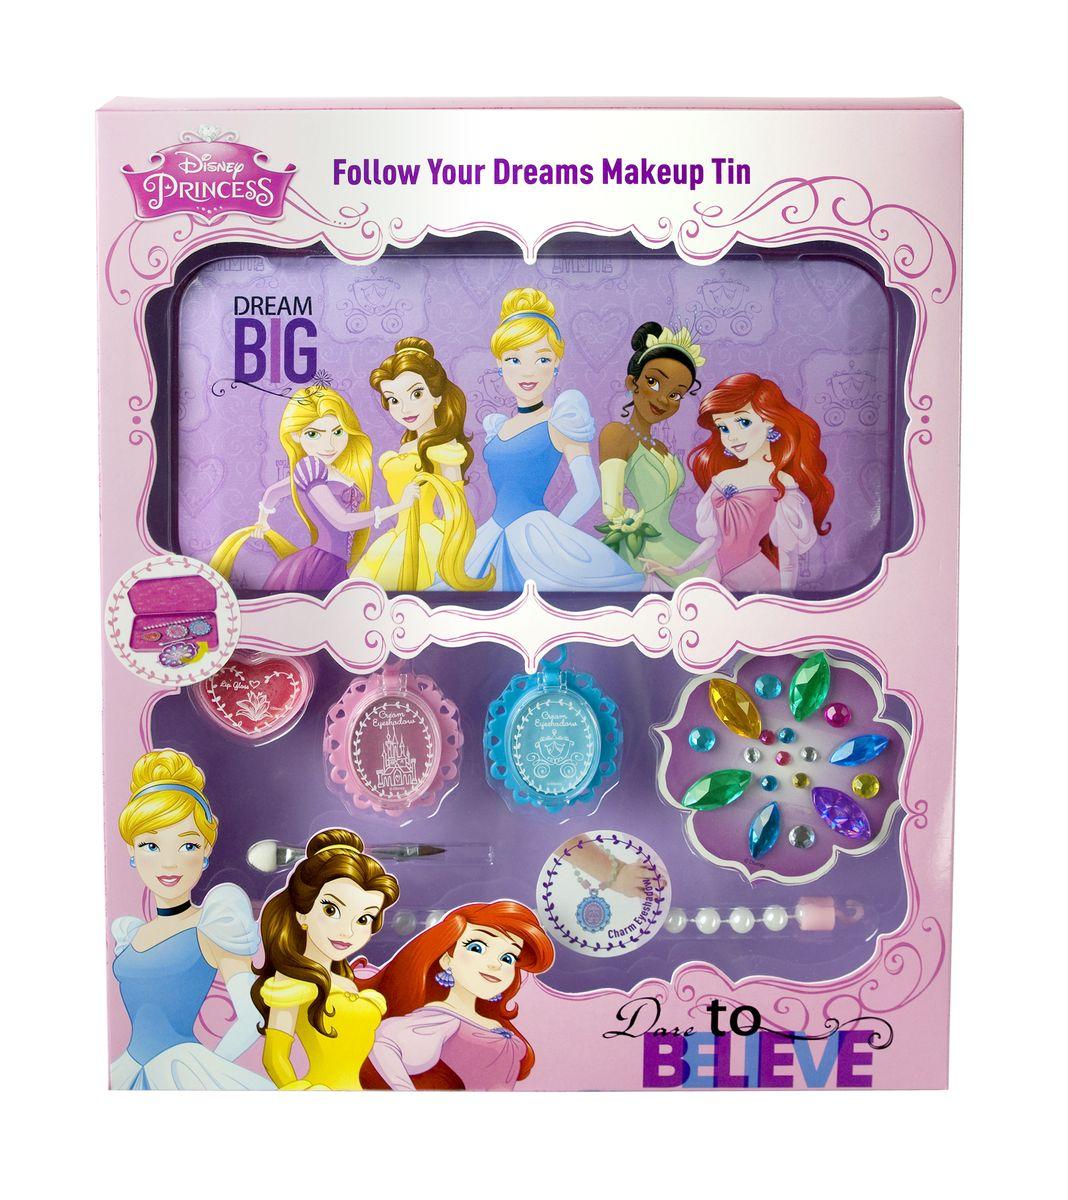 Markwins Игровой набор детской декоративной косметики Princess 96039519603951С набором декоративной косметики Markwins ваша юная модница сможет почувствовать себя настоящей принцессой! В набор входит все необходимое для создания стильного, яркого образа. Косметика на водной основе - а значит, ее легко наносить и смывать. Косметика совершенно безопасна для кожи ребенка. Кроме того, в комплект входит пенал, предназначенный для удобства хранения, а также разноцветные стразы для декорирования. Детская косметика Markwins создана с соблюдением самых высоких европейских стандартов безопасности. Продукция не содержит парабенов, метилизотиазолинона, пальмового масла. Предназначена для детей от 7 лет. Несмотря на высокое качество продукции и ее общую гипоаллергенность, производитель рекомендует проверить индивидуальную реакцию на косметику перед ее использованием. Просто нанесите на кожу немного косметики и подержите 30-60 минут. Если на коже появится покраснение, следует прекратить использование продукции. Эта аллергическая реакция проявляется очень редко и...